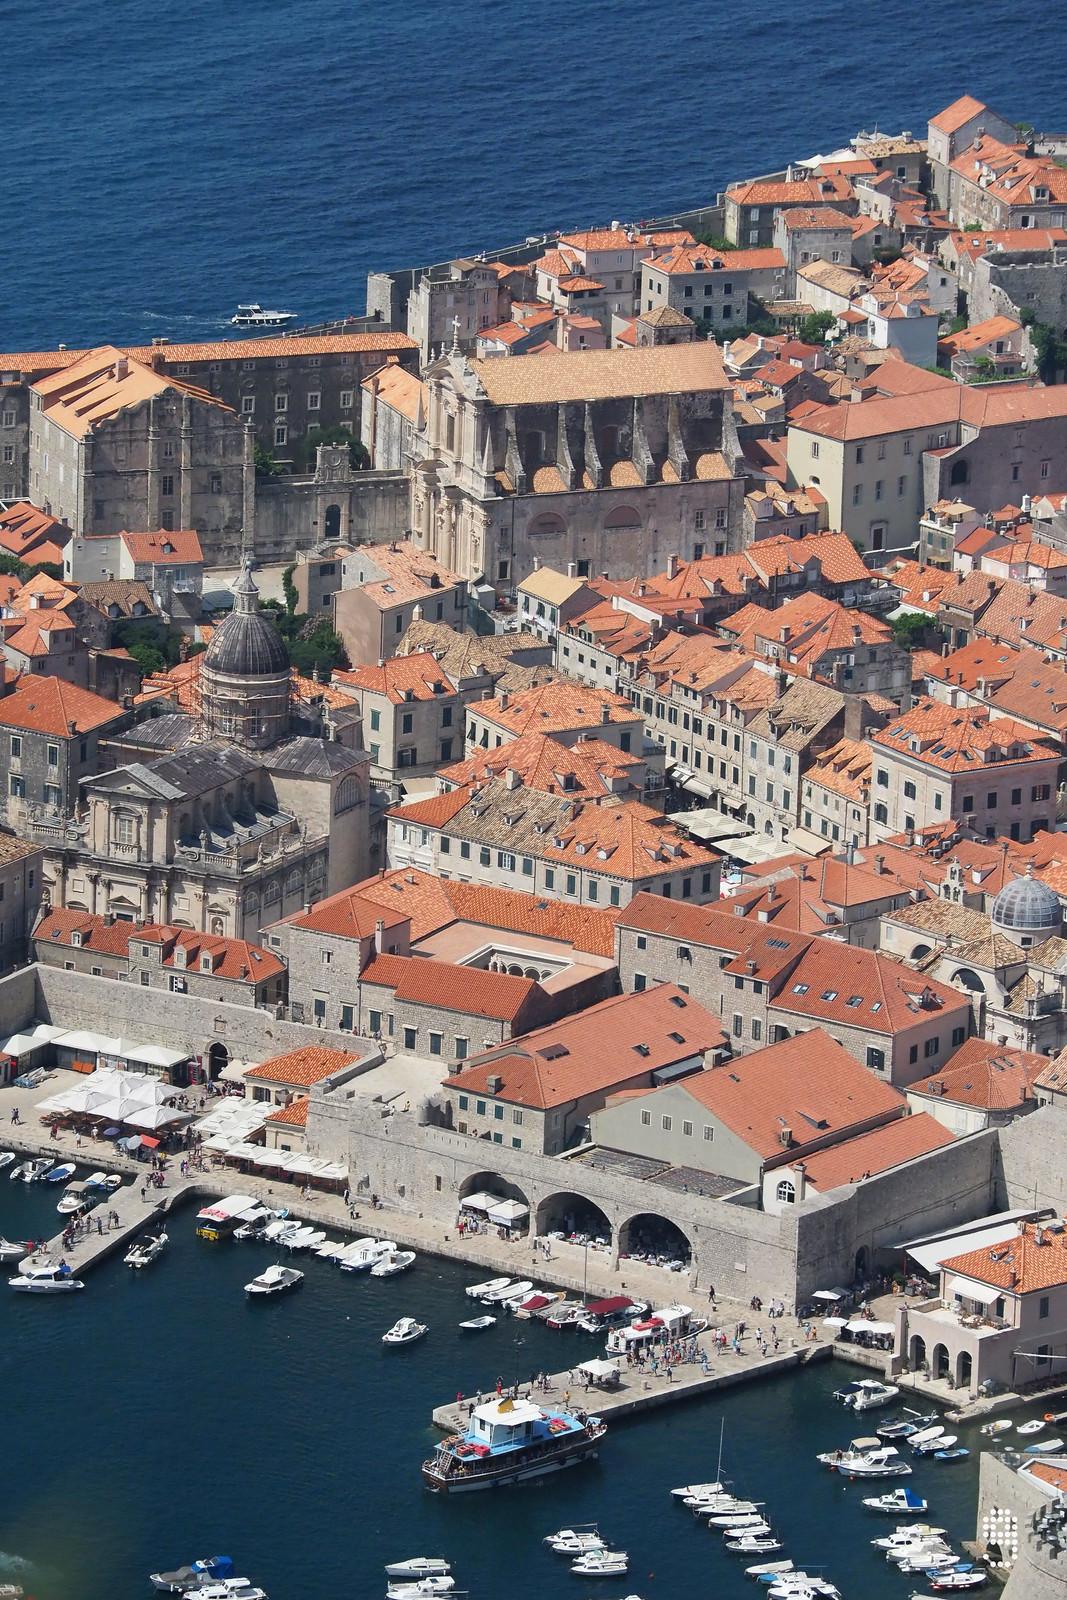 舊城區的港口碼頭